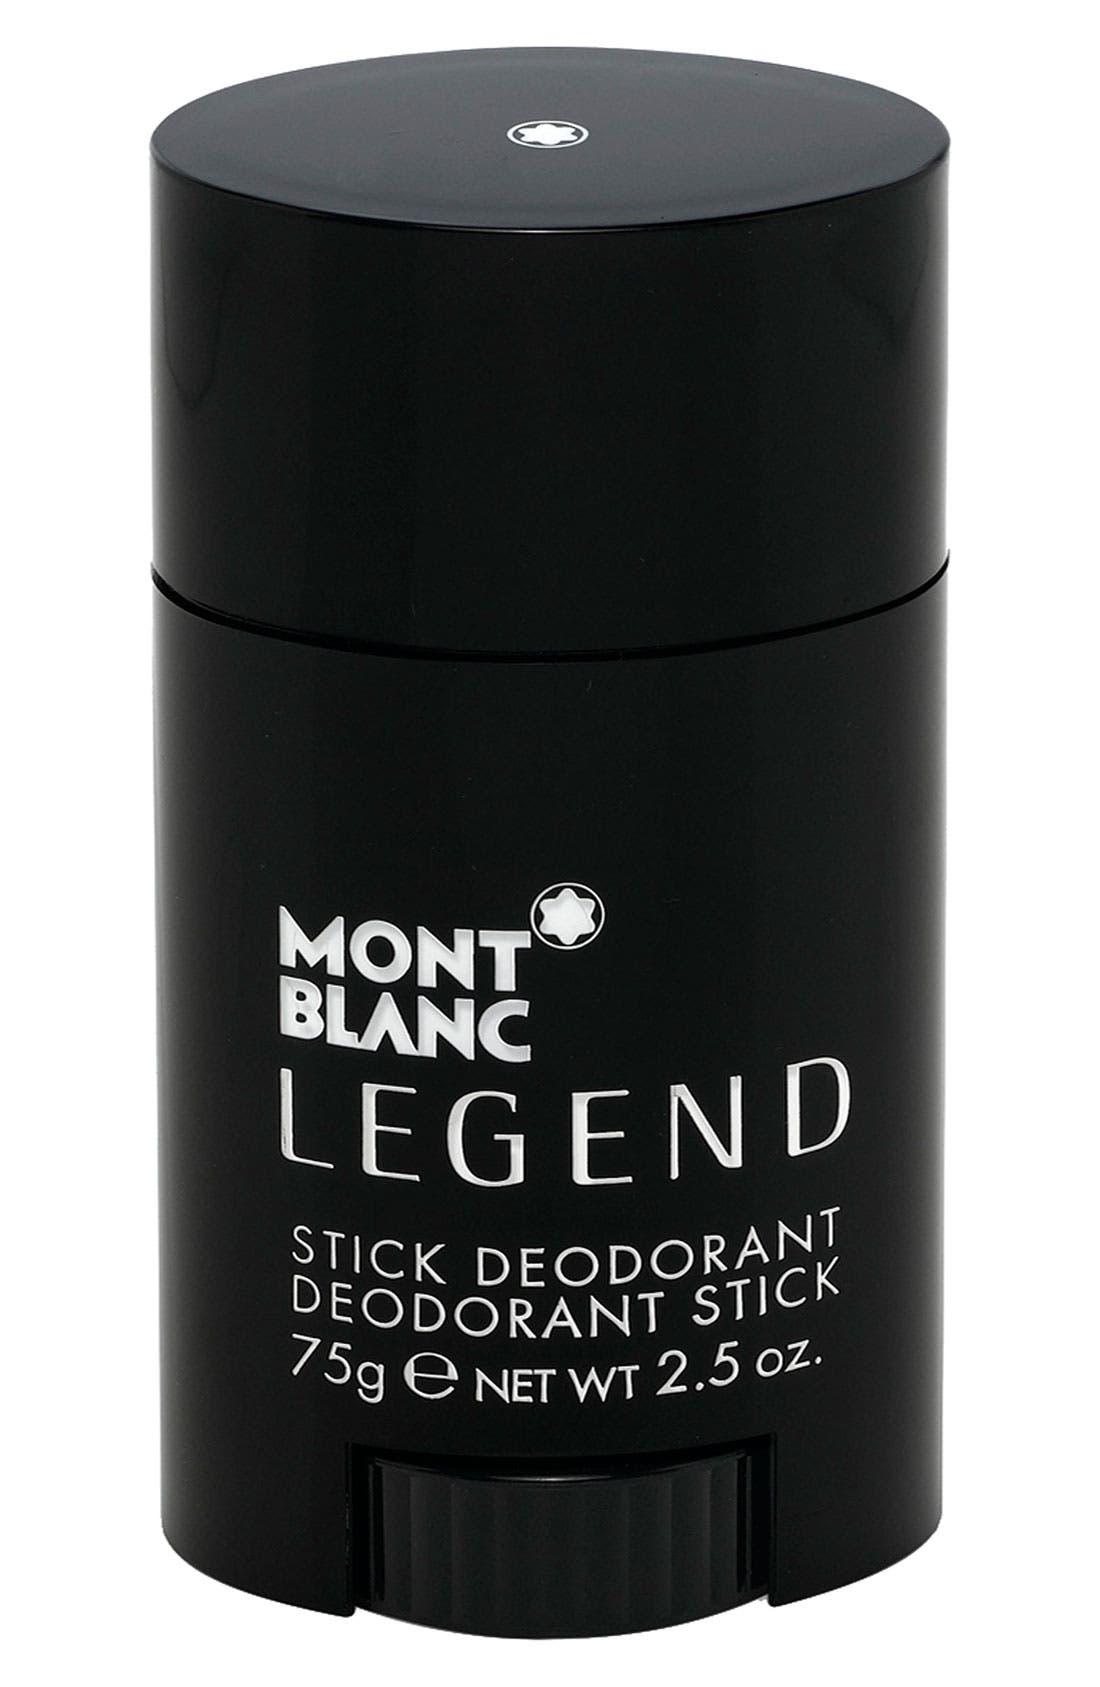 MONTBLANC 'Legend' Deodorant Stick